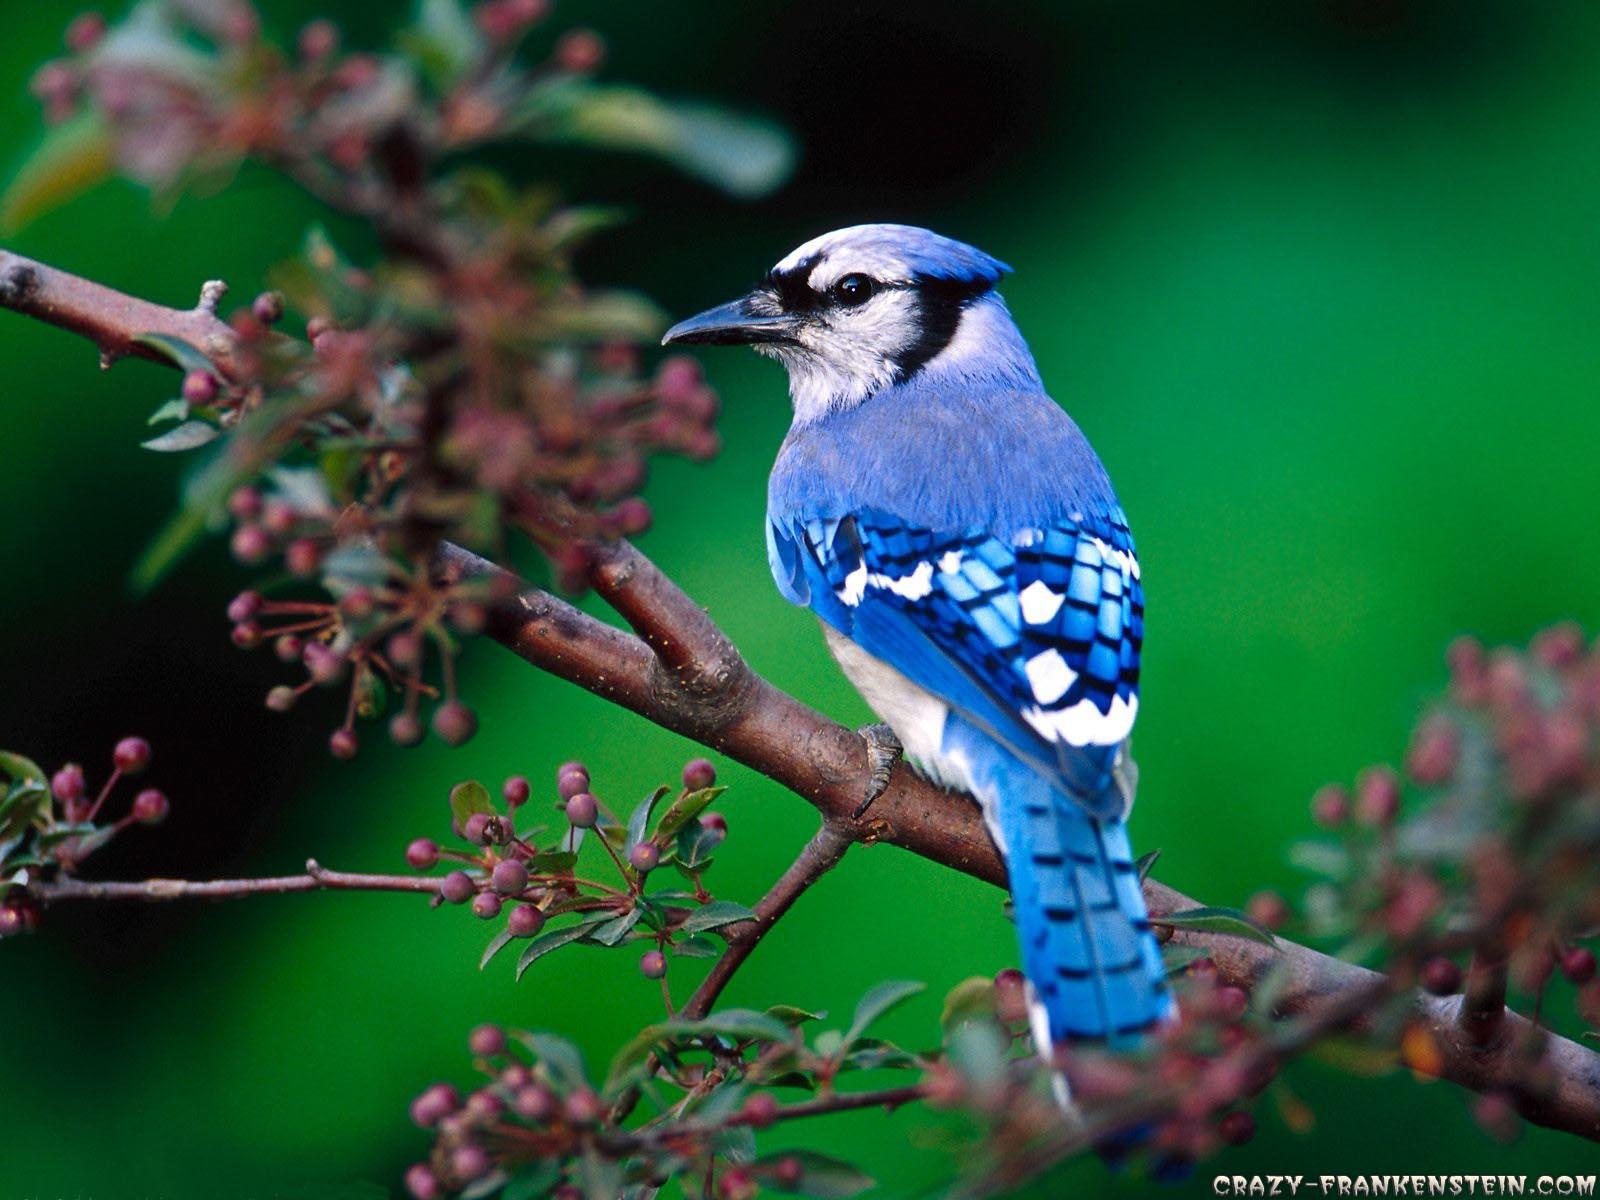 http://1.bp.blogspot.com/-7VBl4IUh5EM/UBAoIQlv8lI/AAAAAAAABRY/bS1SOY5QkSo/s1600/Beautiful%20Bird.jpg